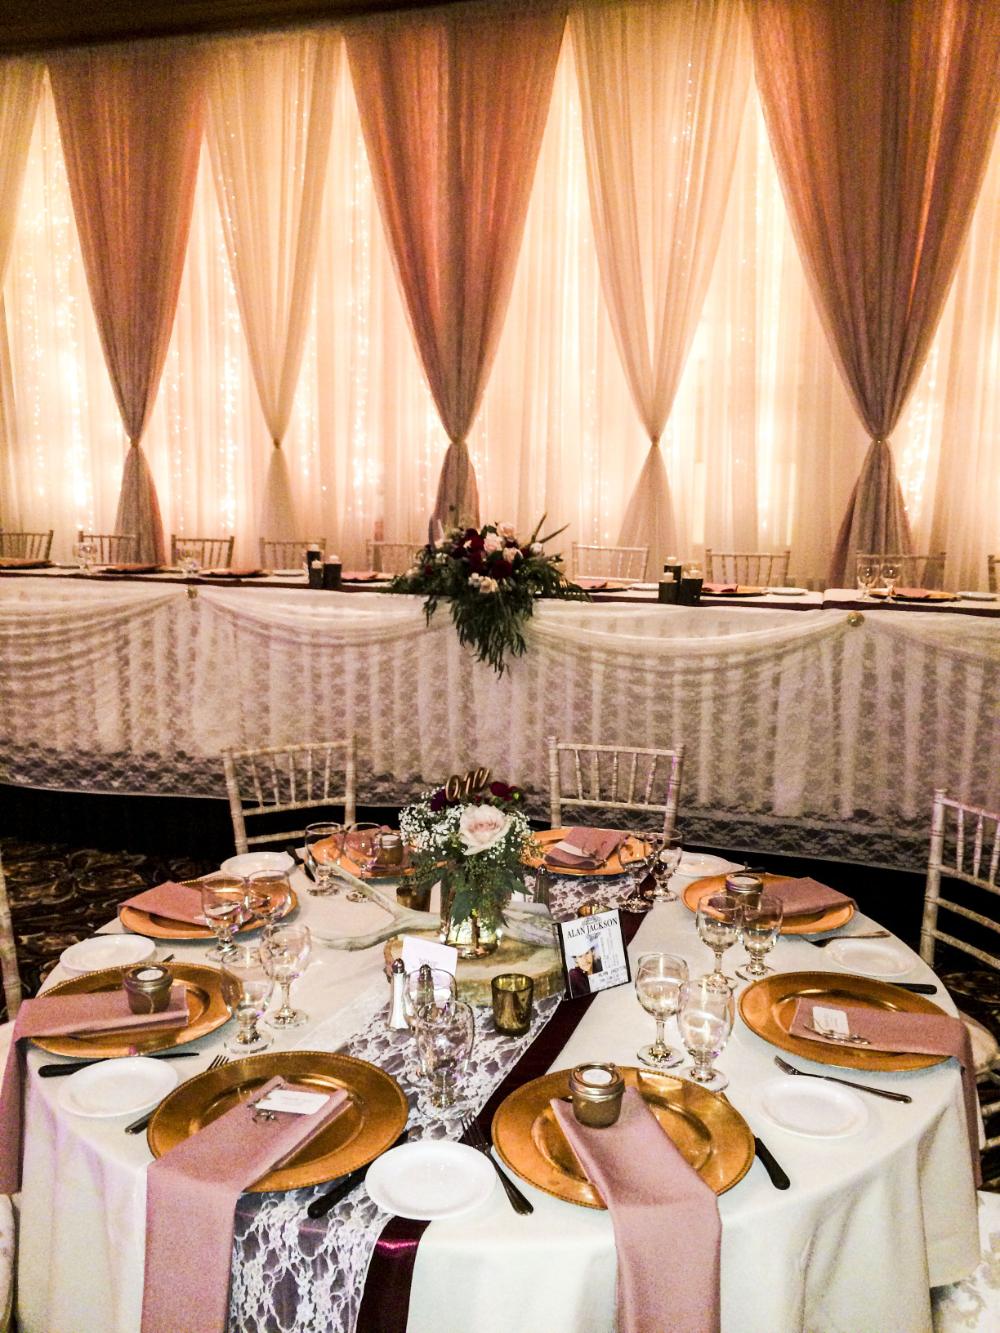 dusty rose theme wedding reception - Google Search #dustyrosewedding